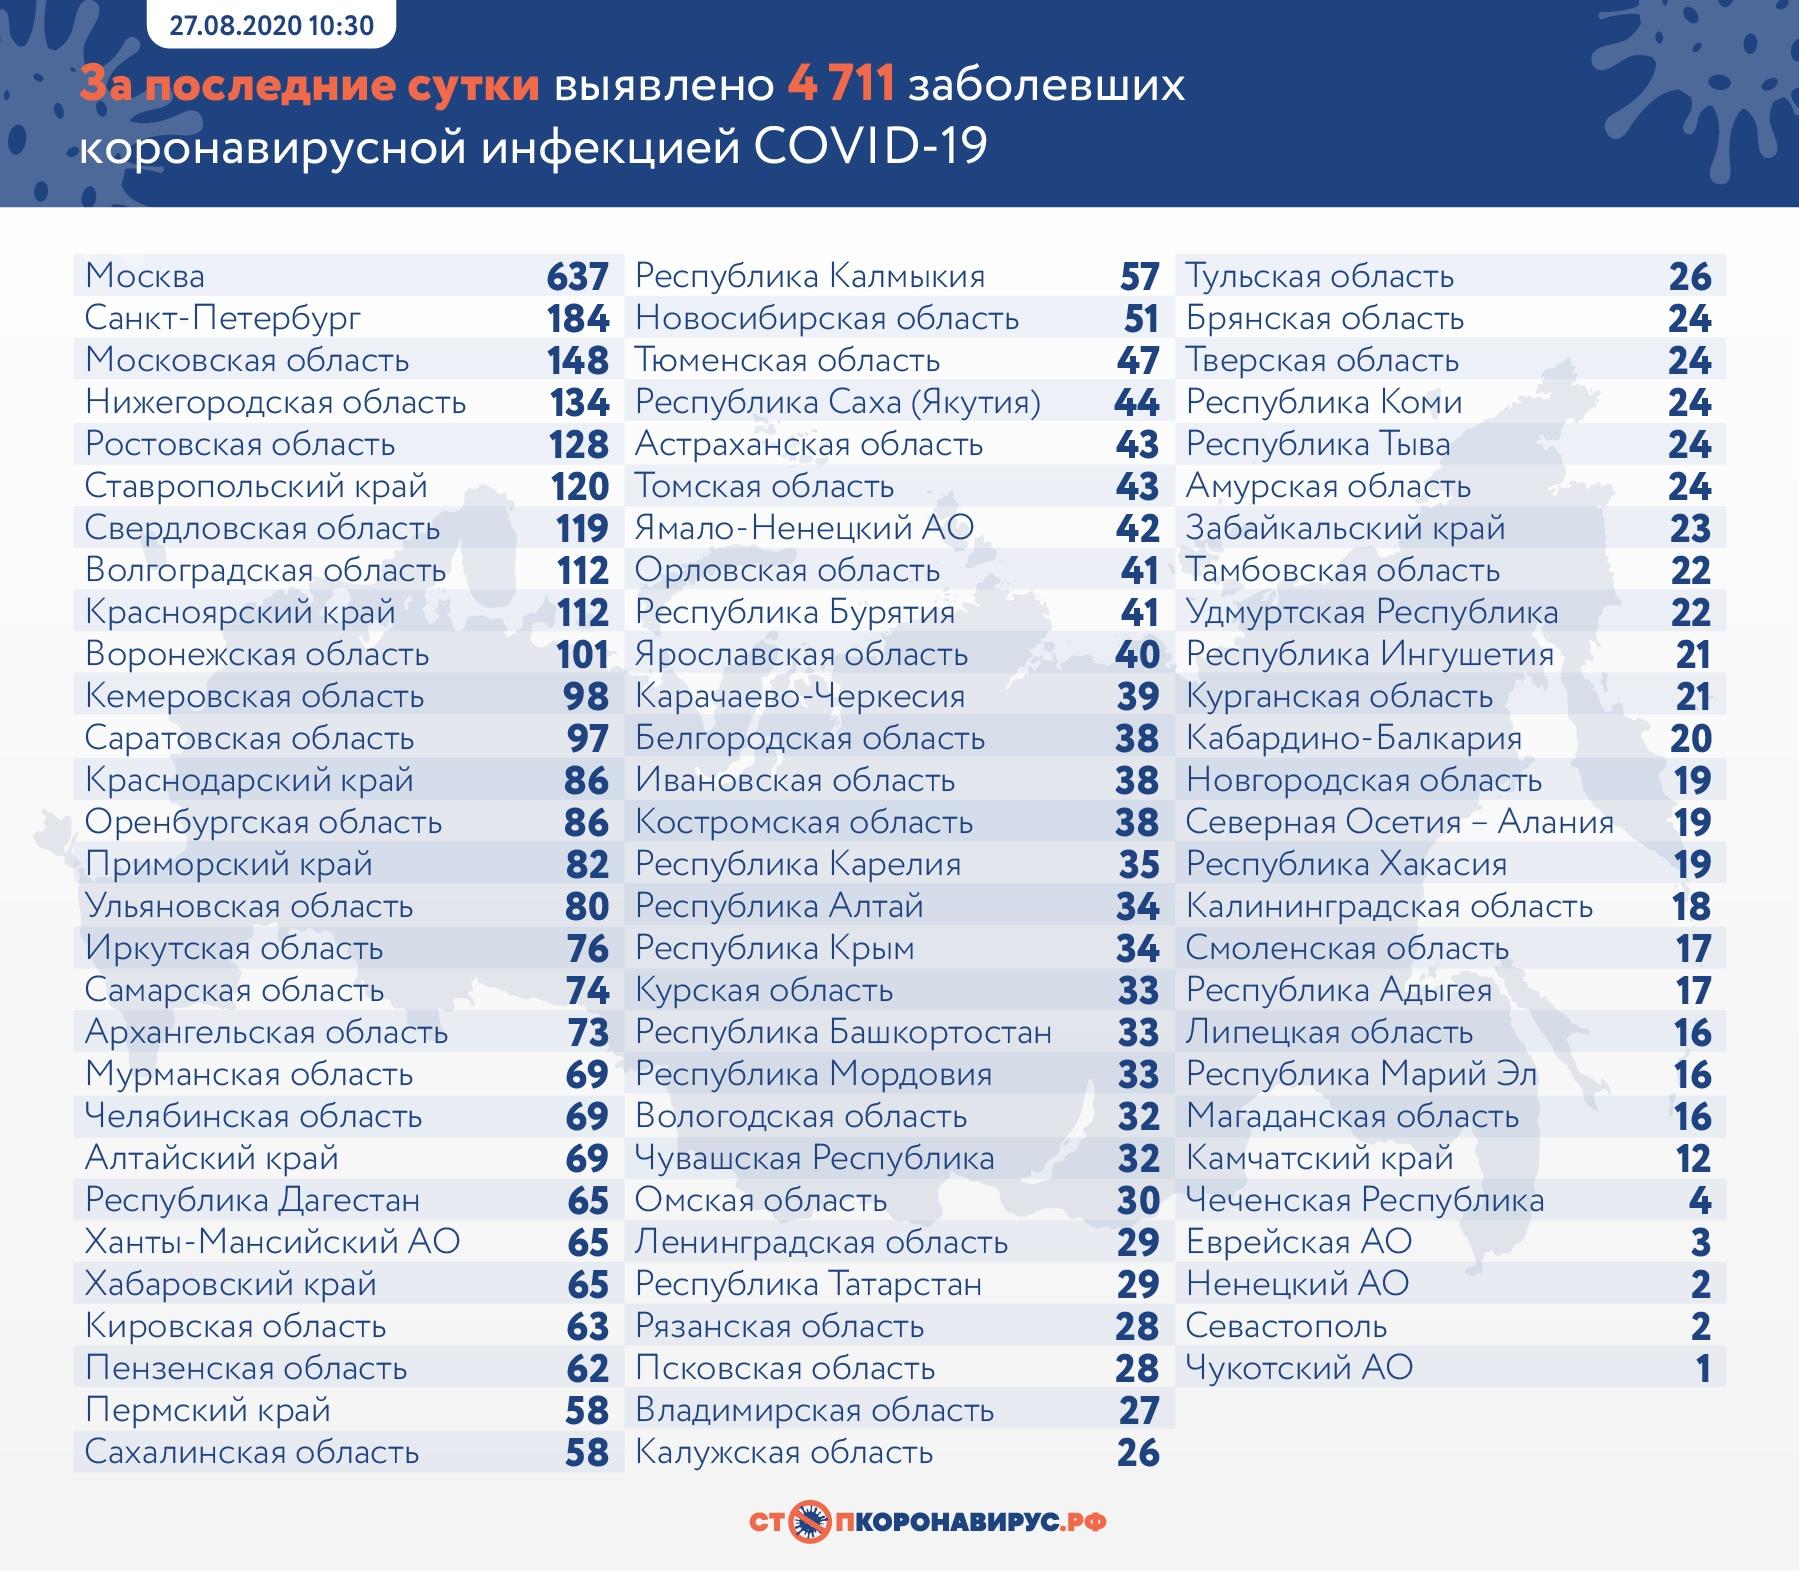 В Самарской области скончался еще один пациент с COVID-19